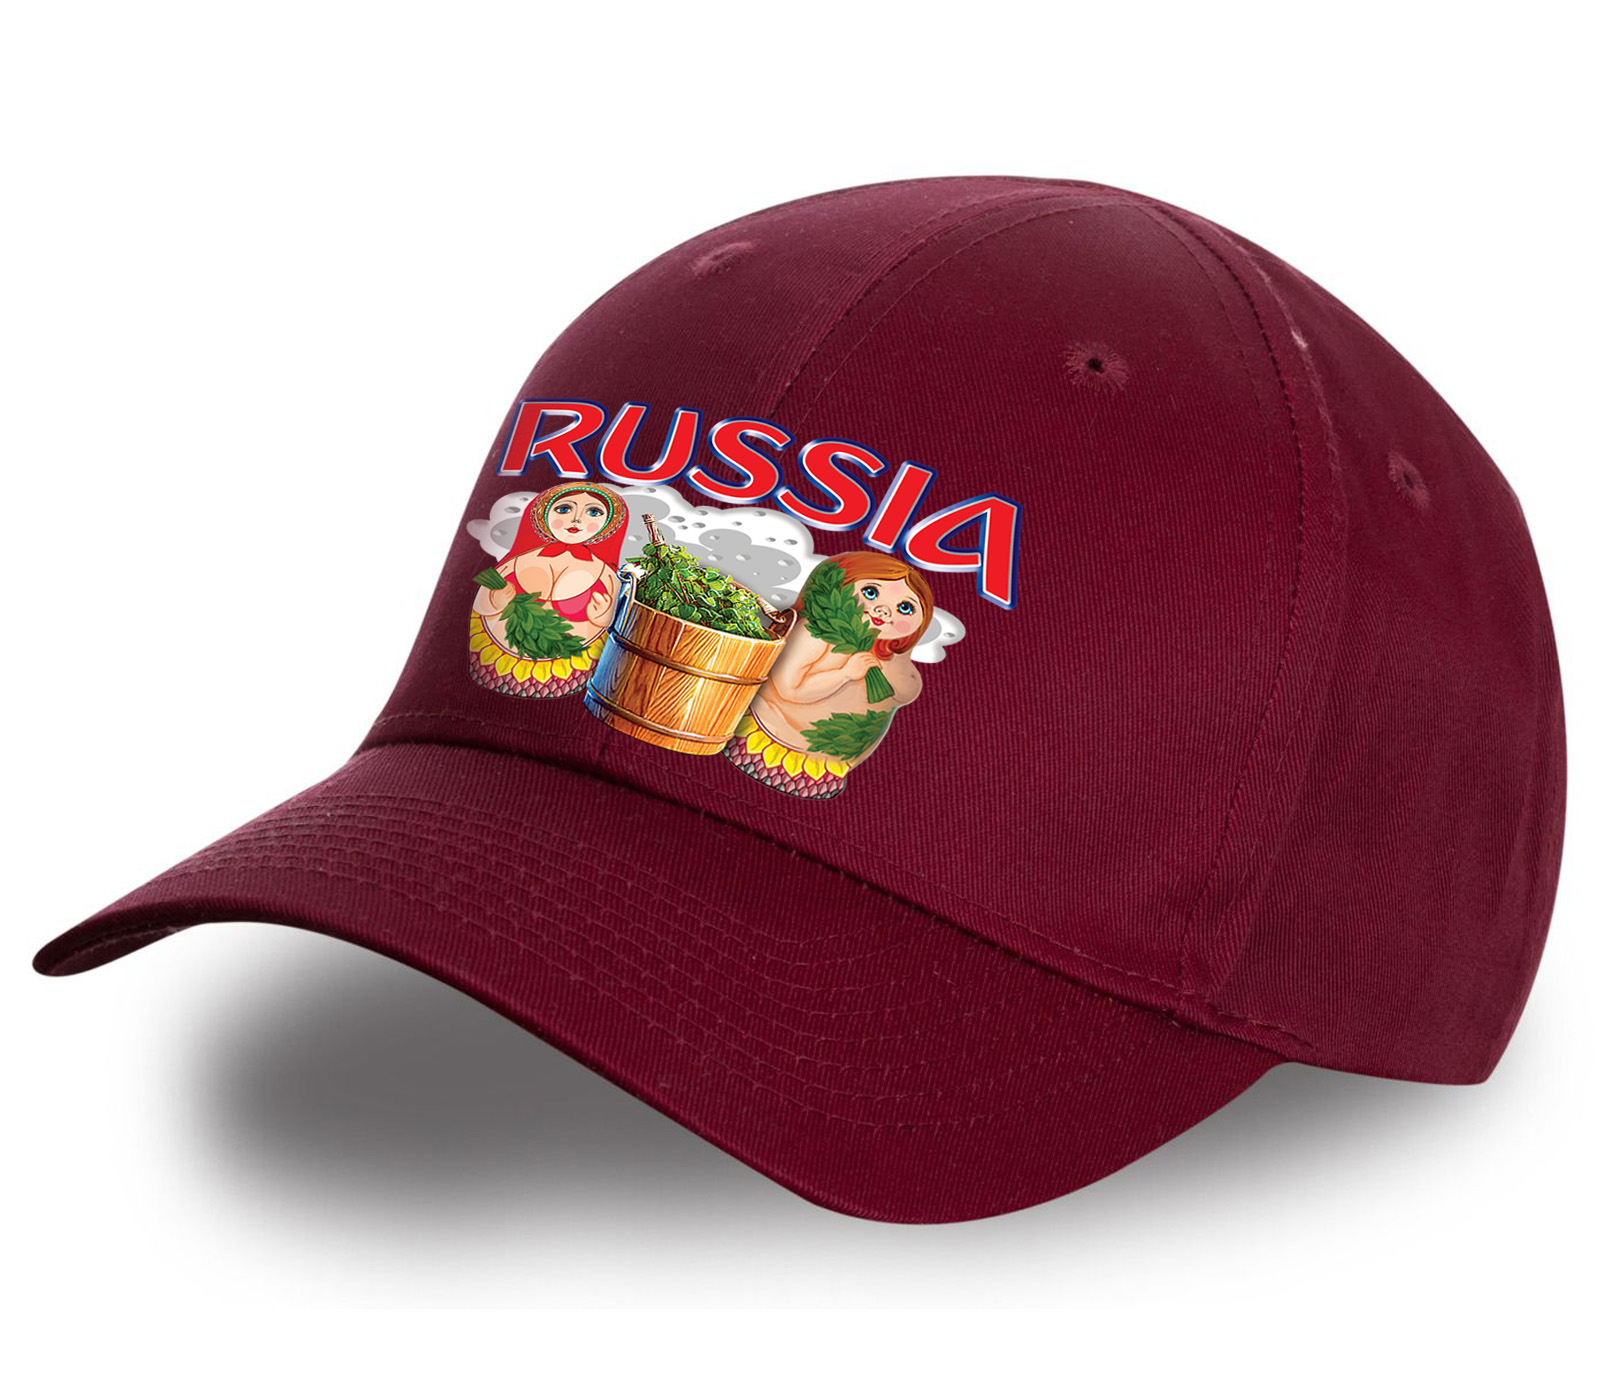 """Роскошная бейсболка """"Russia"""" с матрешками. Стильный головной убор из качественного хлопка. Достойный подарок по любому поводу и без!"""